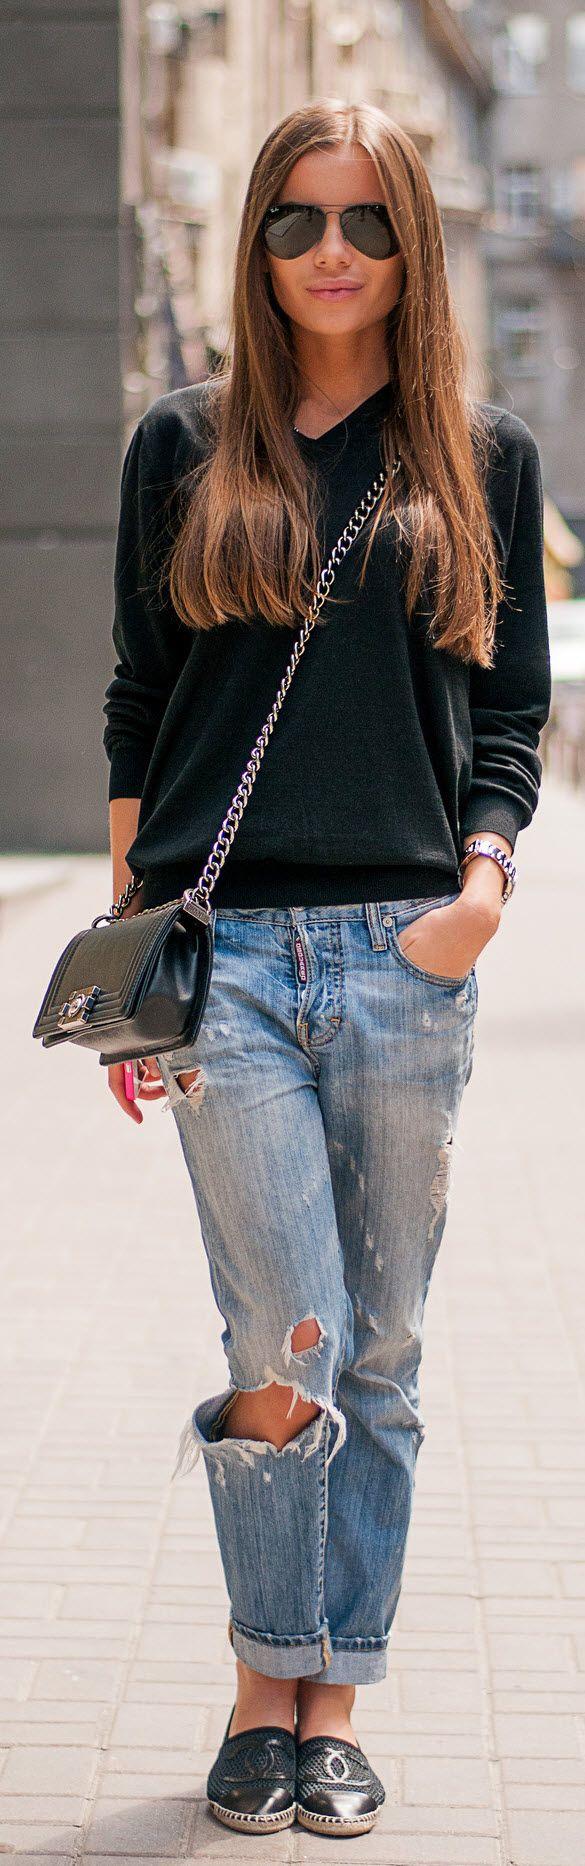 Image result for chanel espadrilles celebrity | Chanel ...